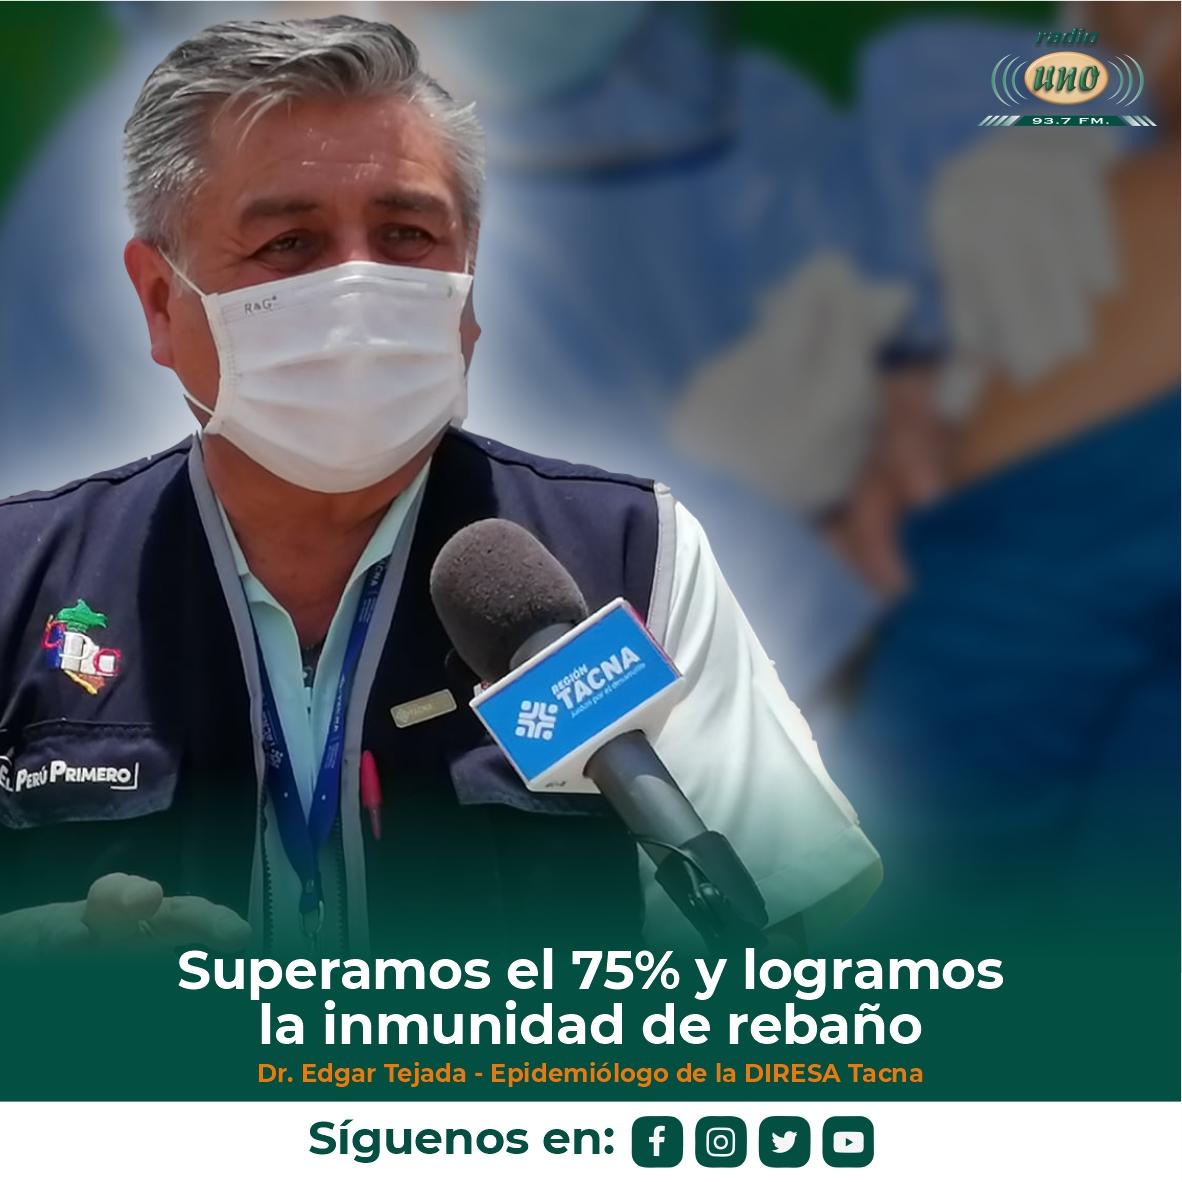 Superamos el 75% y logramos la inmunidad de rebaño